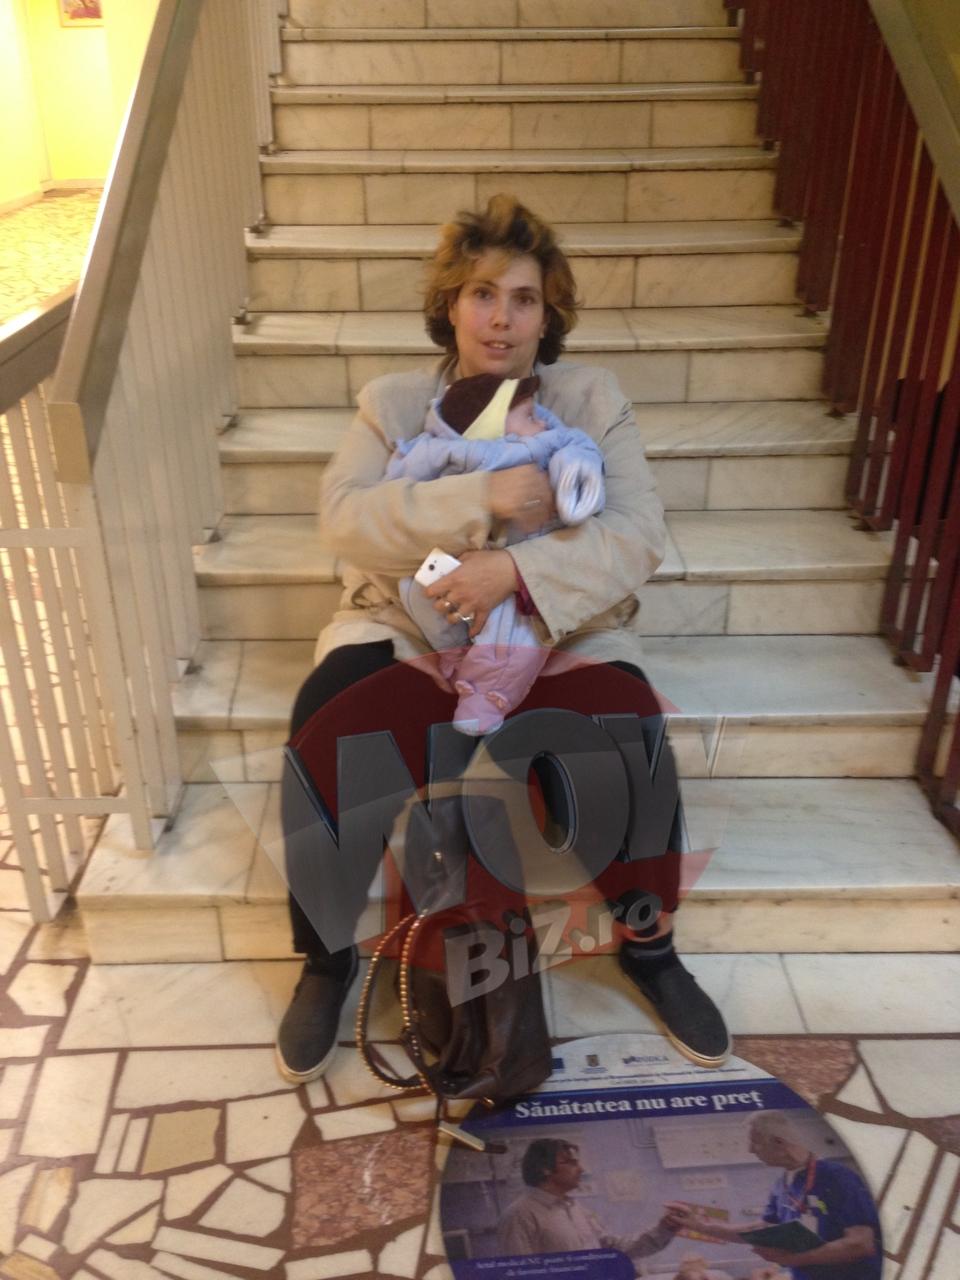 VIDEO EXCLUSIV! Ioana Tufaru si bebelusul ei s-au intors acasa! Asa arata micutul de patru luni, nascut prematur, dupa o saptamana in spital! Copilul a avut un inceput de pneumonie!